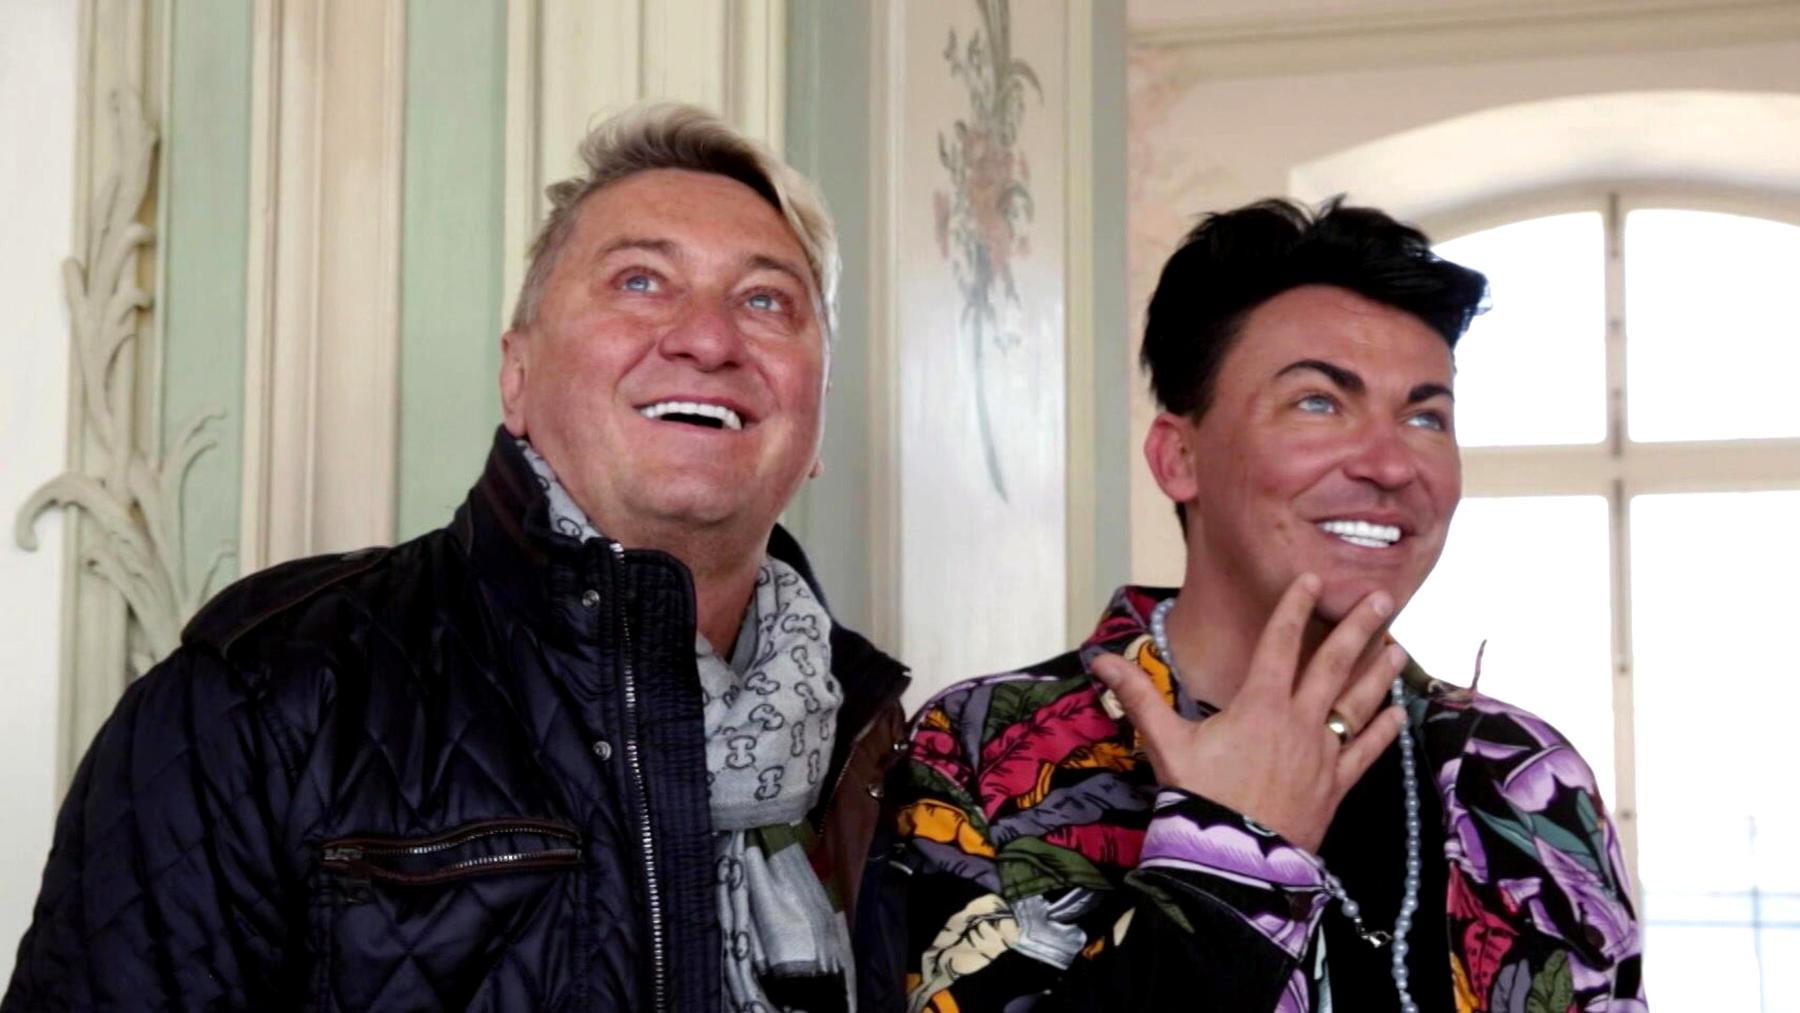 Hubert und Matthias im Hochzeitsfieber!   Folge 3